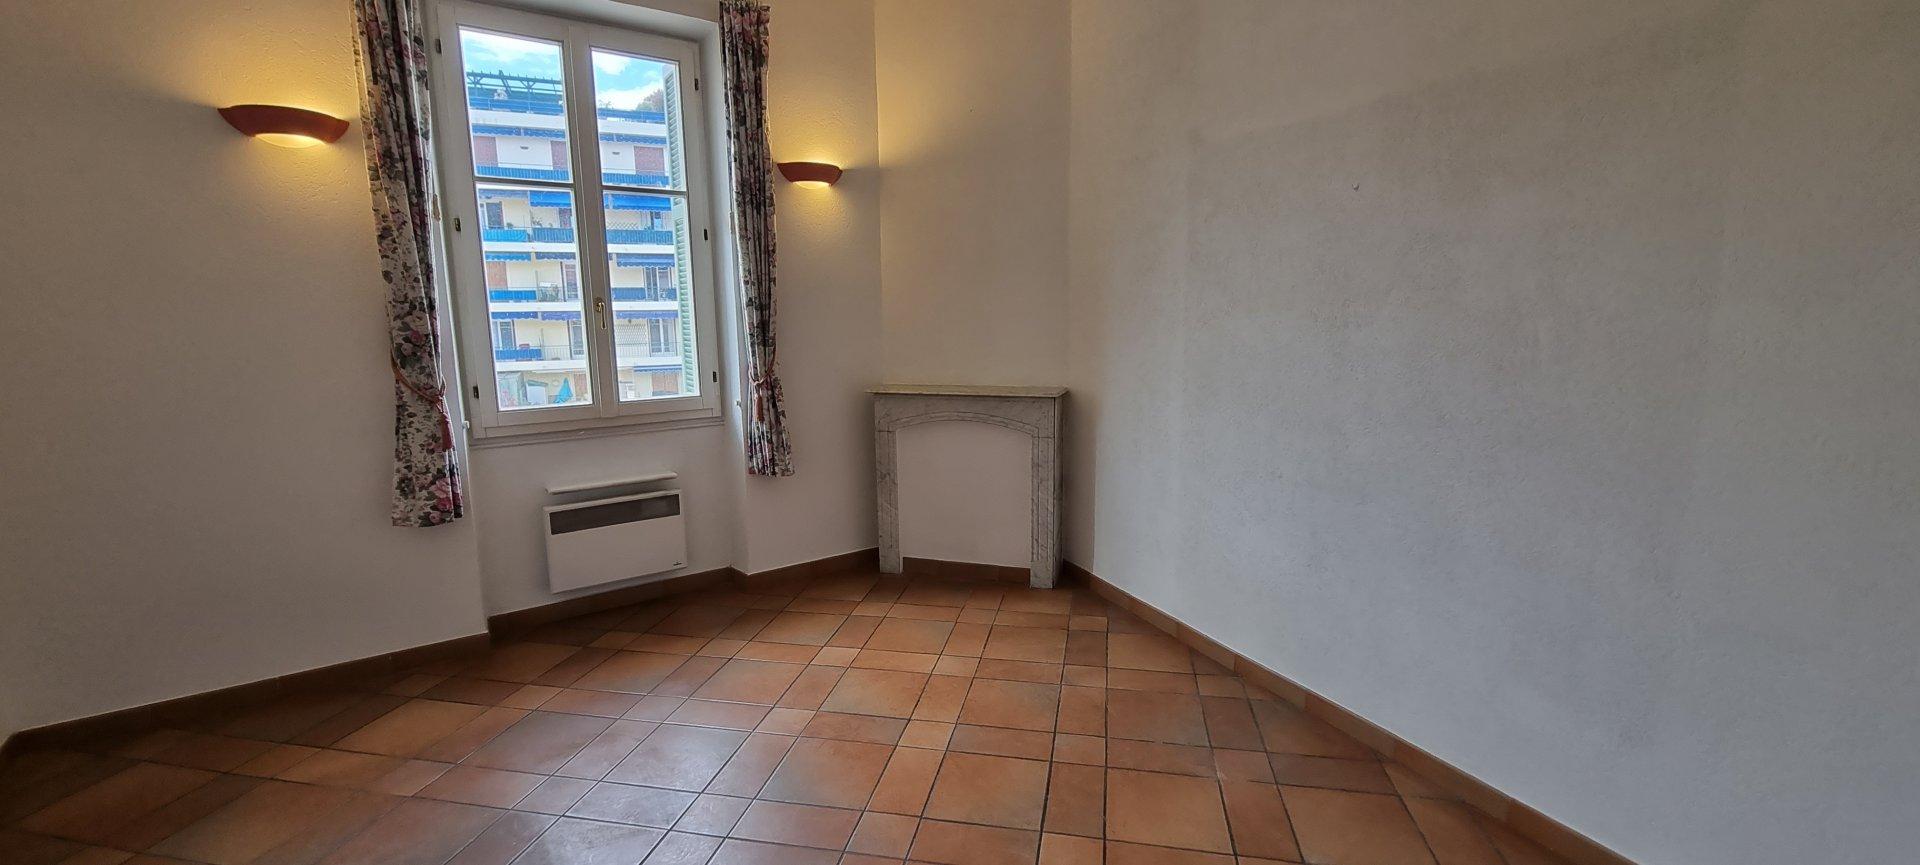 Appartement Centre Rue Piétonne